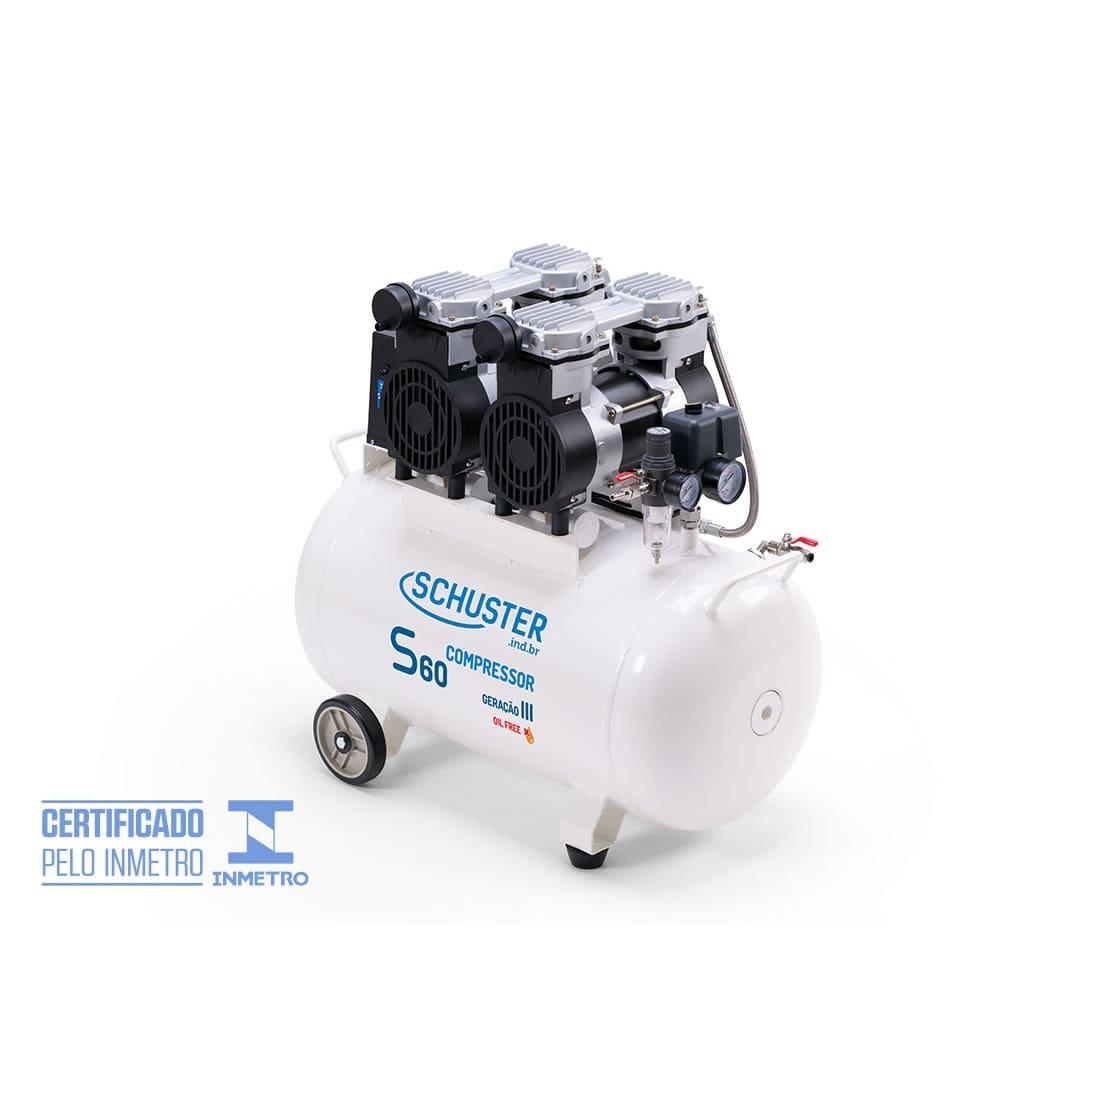 Compressor isento de óleo S60 - Geração III - Schuster